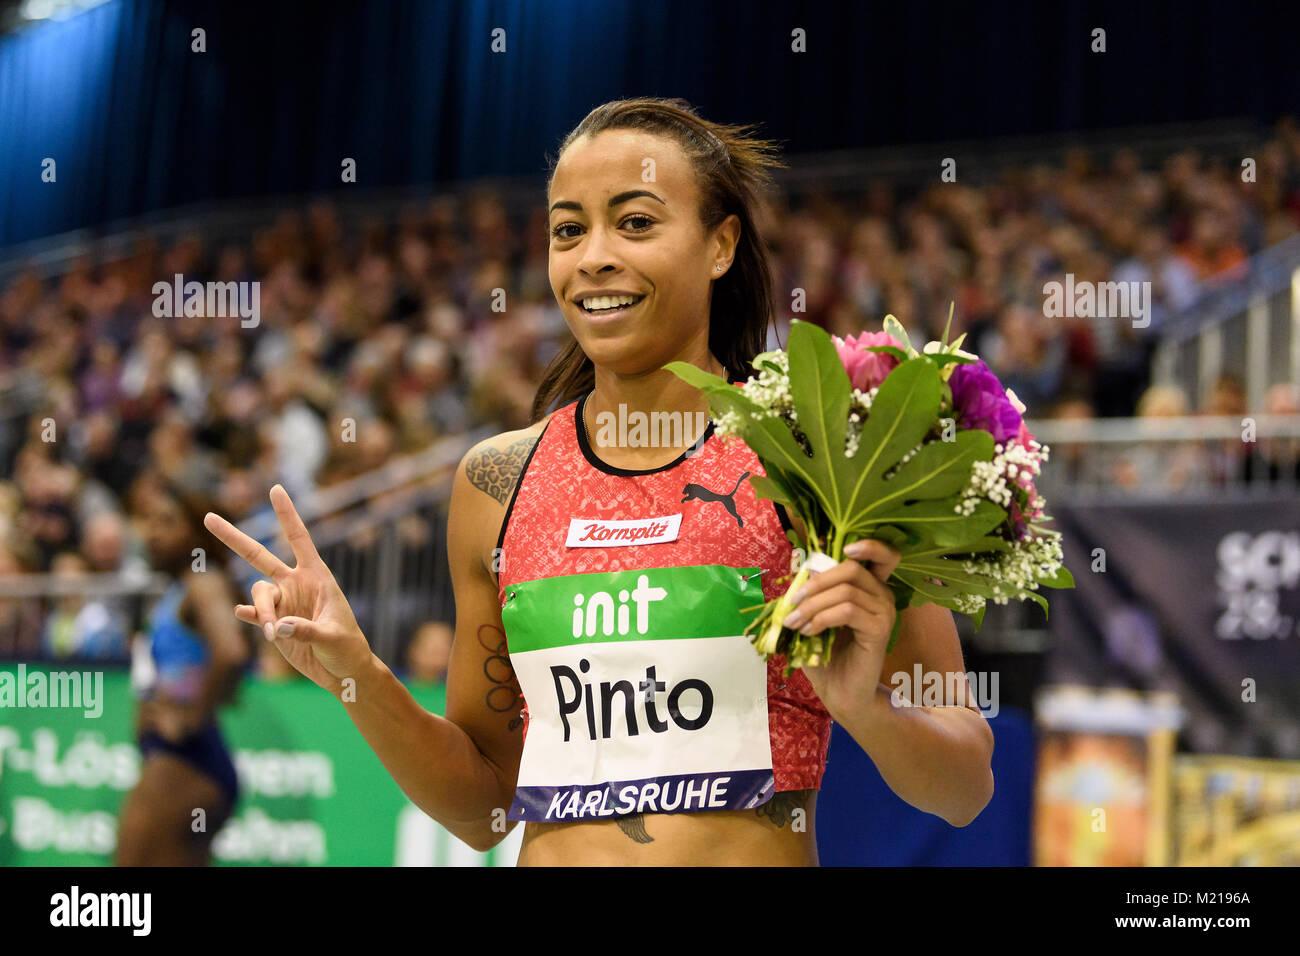 Karlsruhe, Deutschland. 03rd Feb, 2018. 60m Frauen: jubilation und Freude bei Siegerin, Gewinnerin Tatjana Pinto - Stock Image